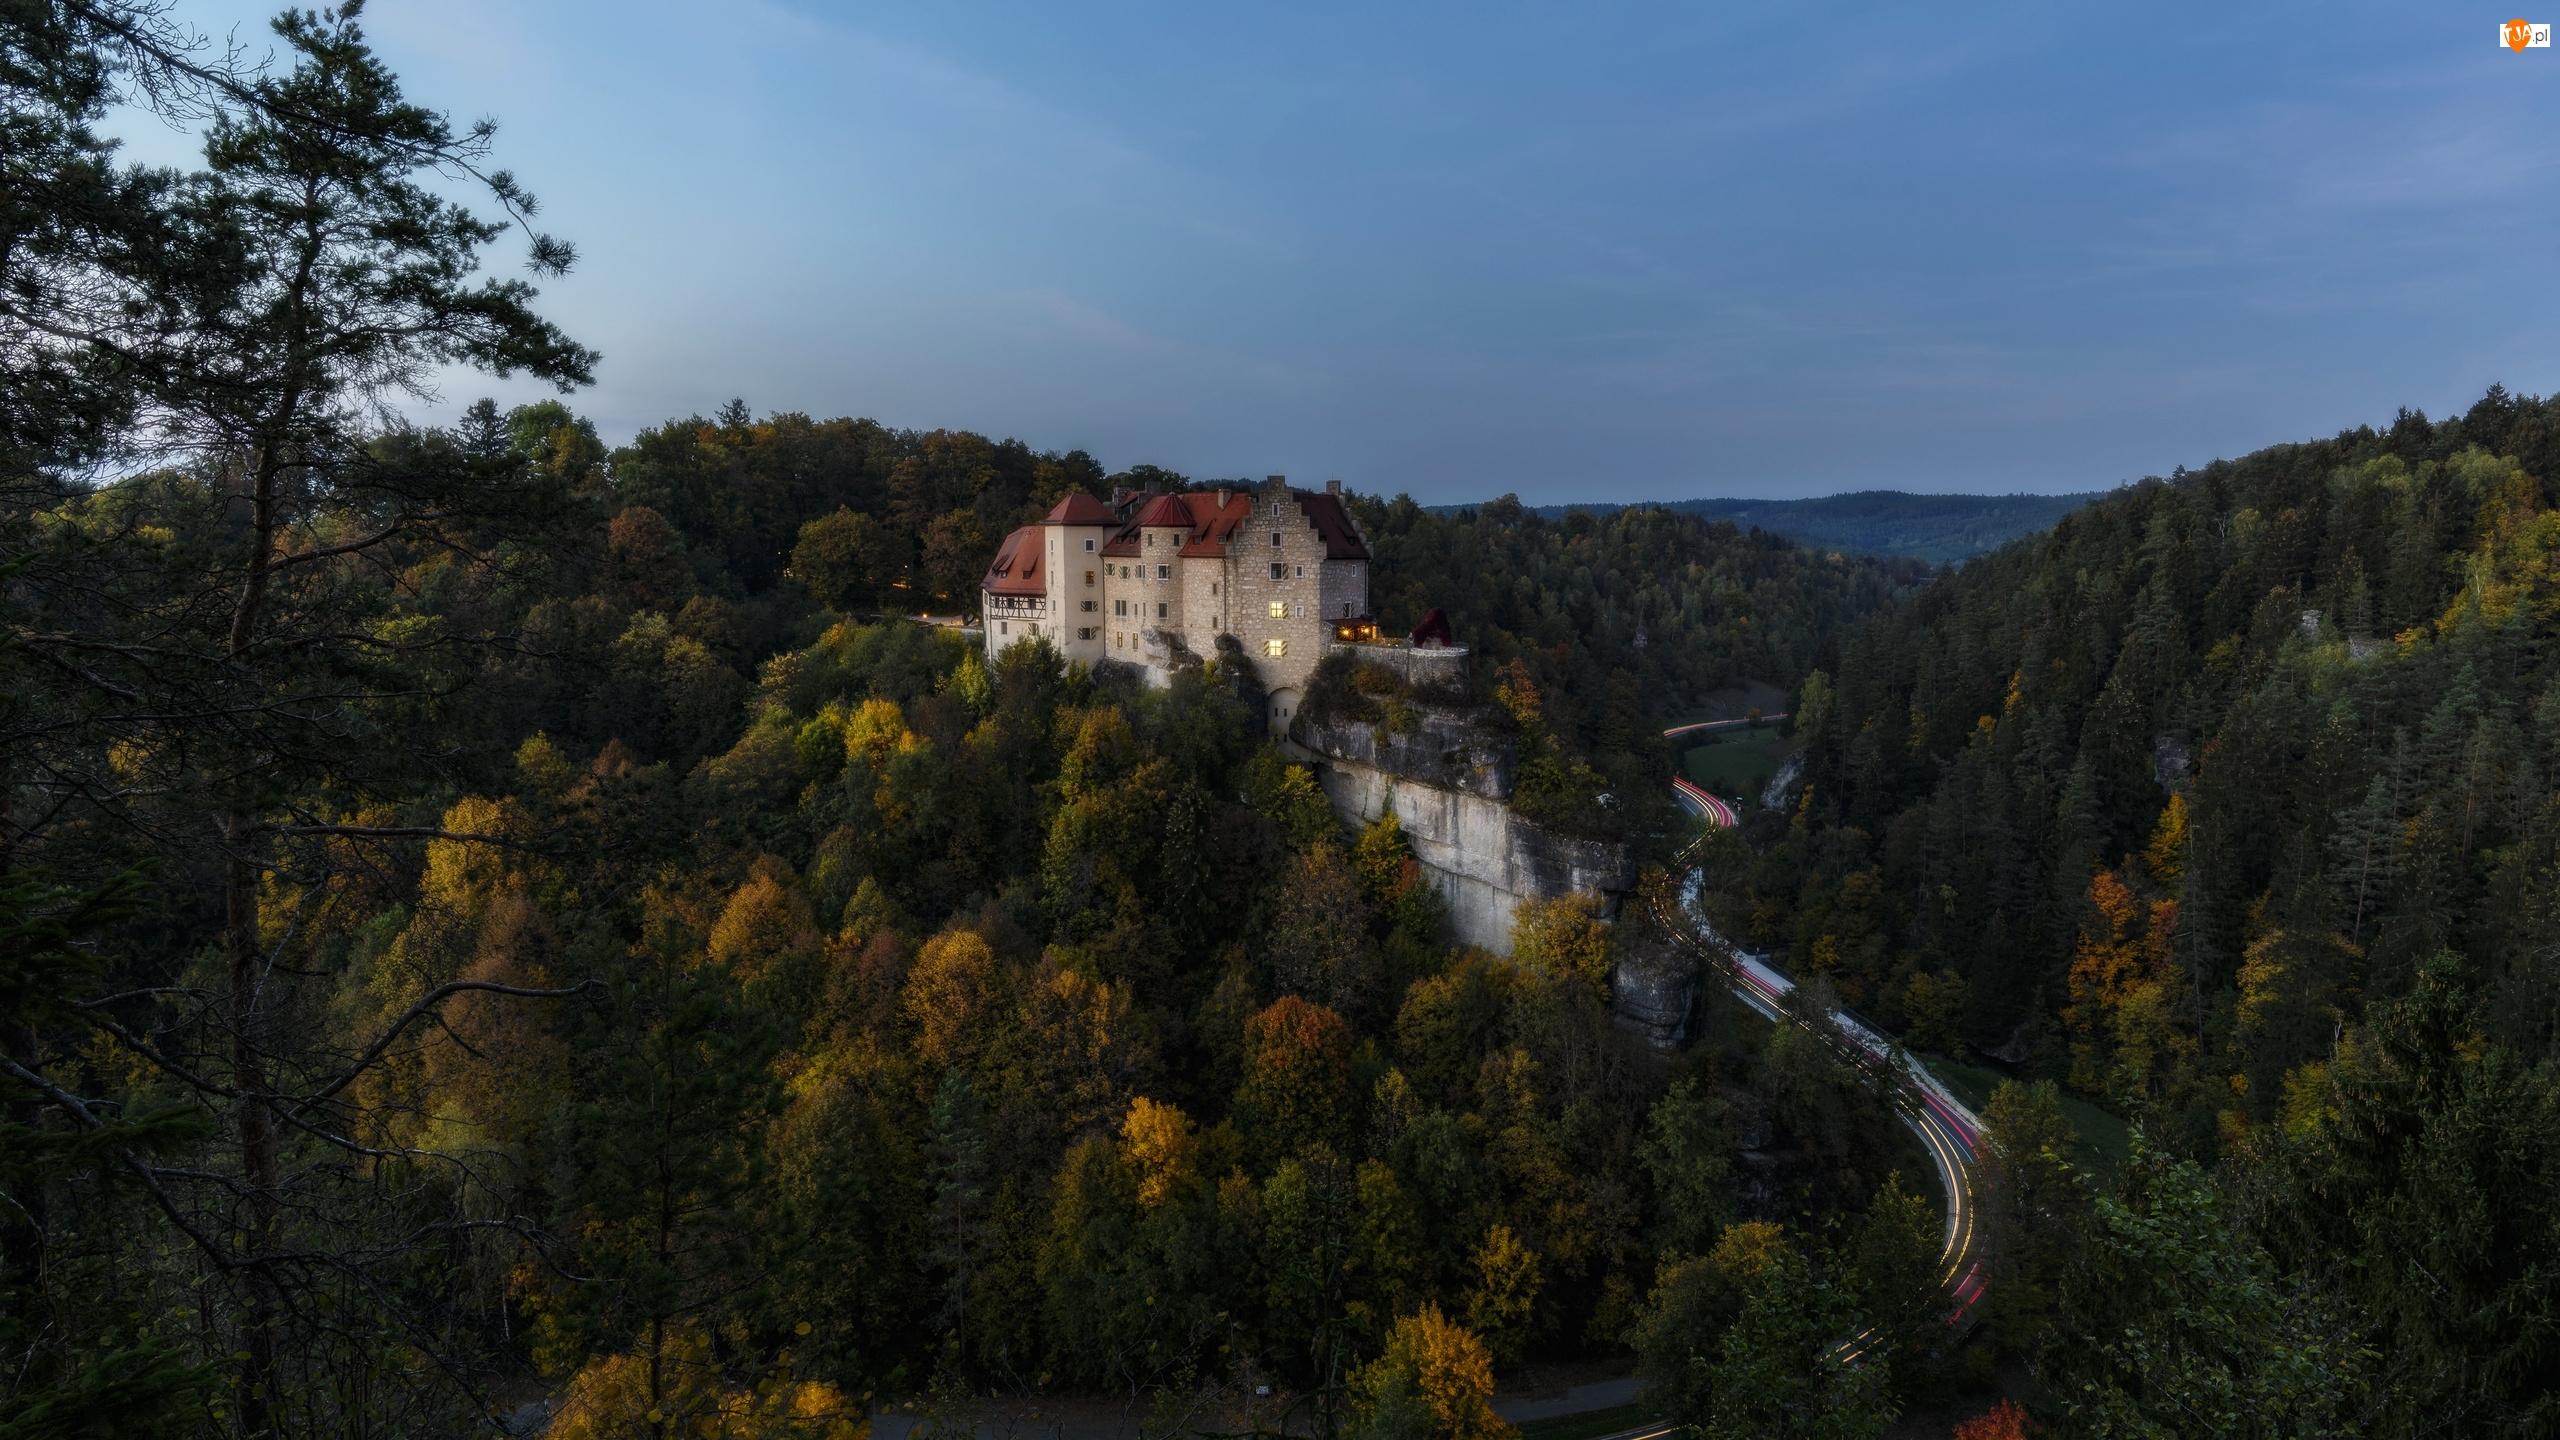 Drzewa, Droga, Chemnitz, Zmierzch, Wzgórza, Saksonia, Lasy, Zamek Rabenstein, Jesień, Góry Rudawy, Niemcy